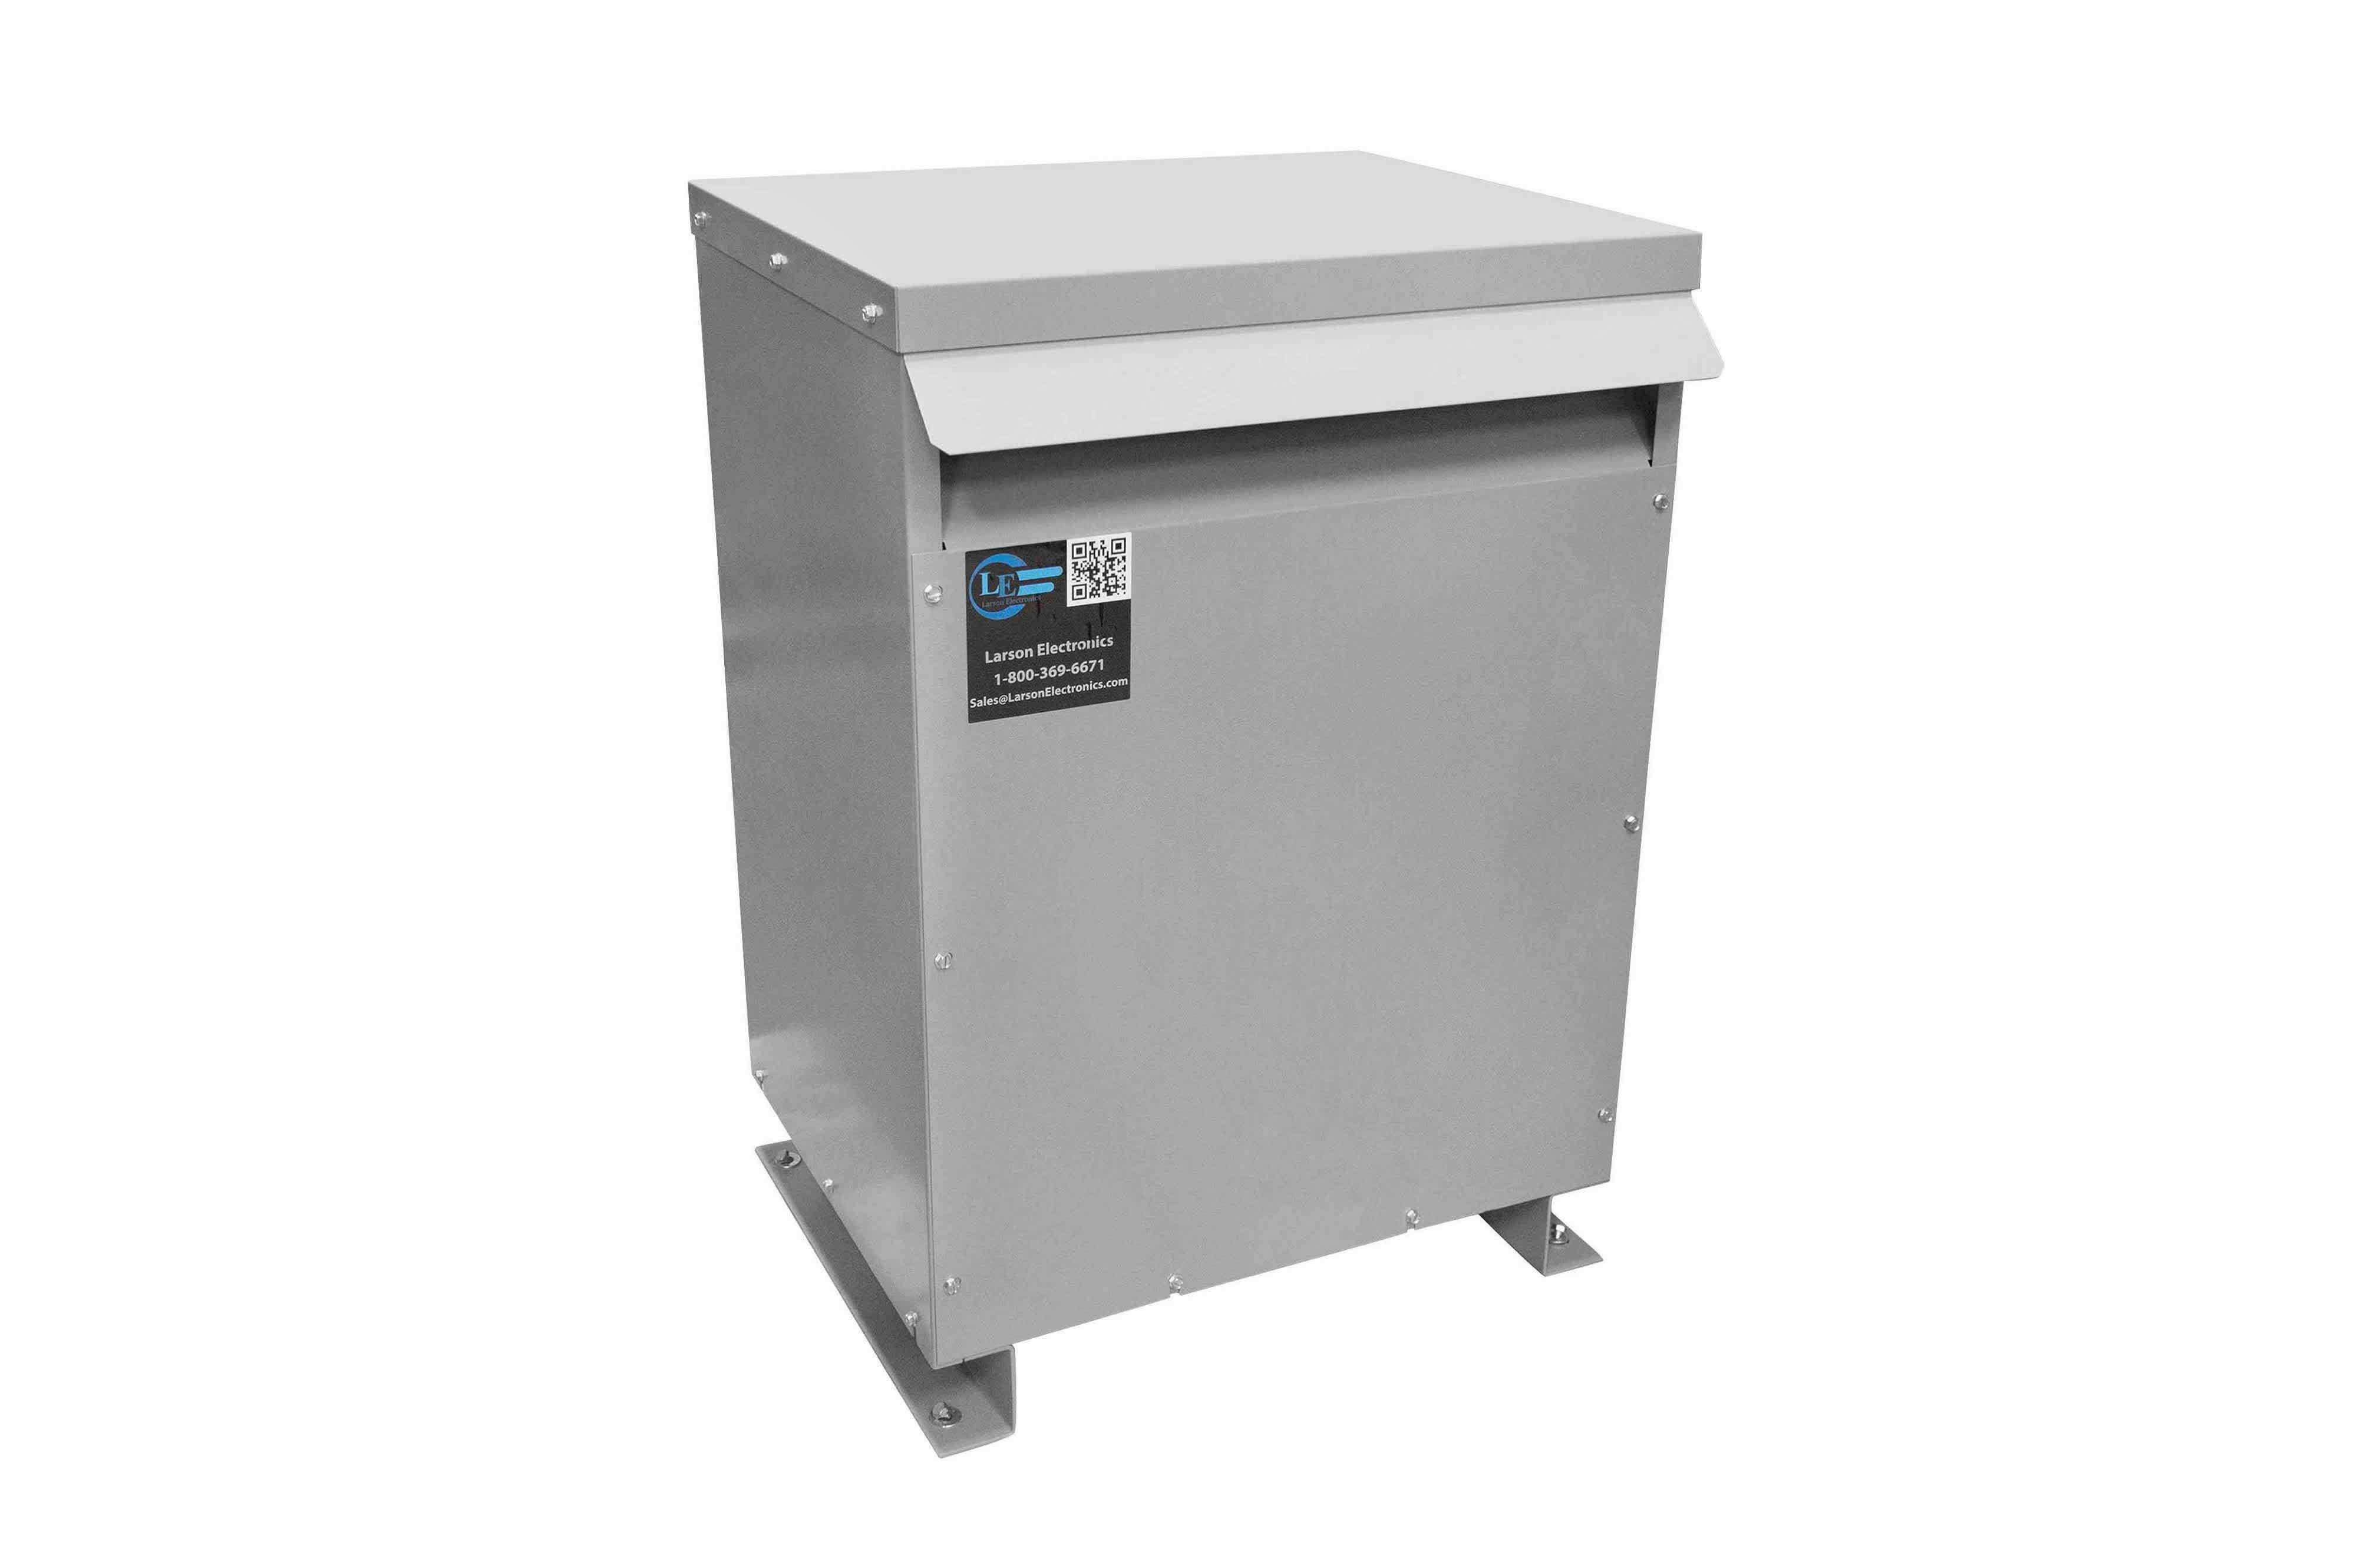 150 kVA 3PH Isolation Transformer, 415V Delta Primary, 208V Delta Secondary, N3R, Ventilated, 60 Hz